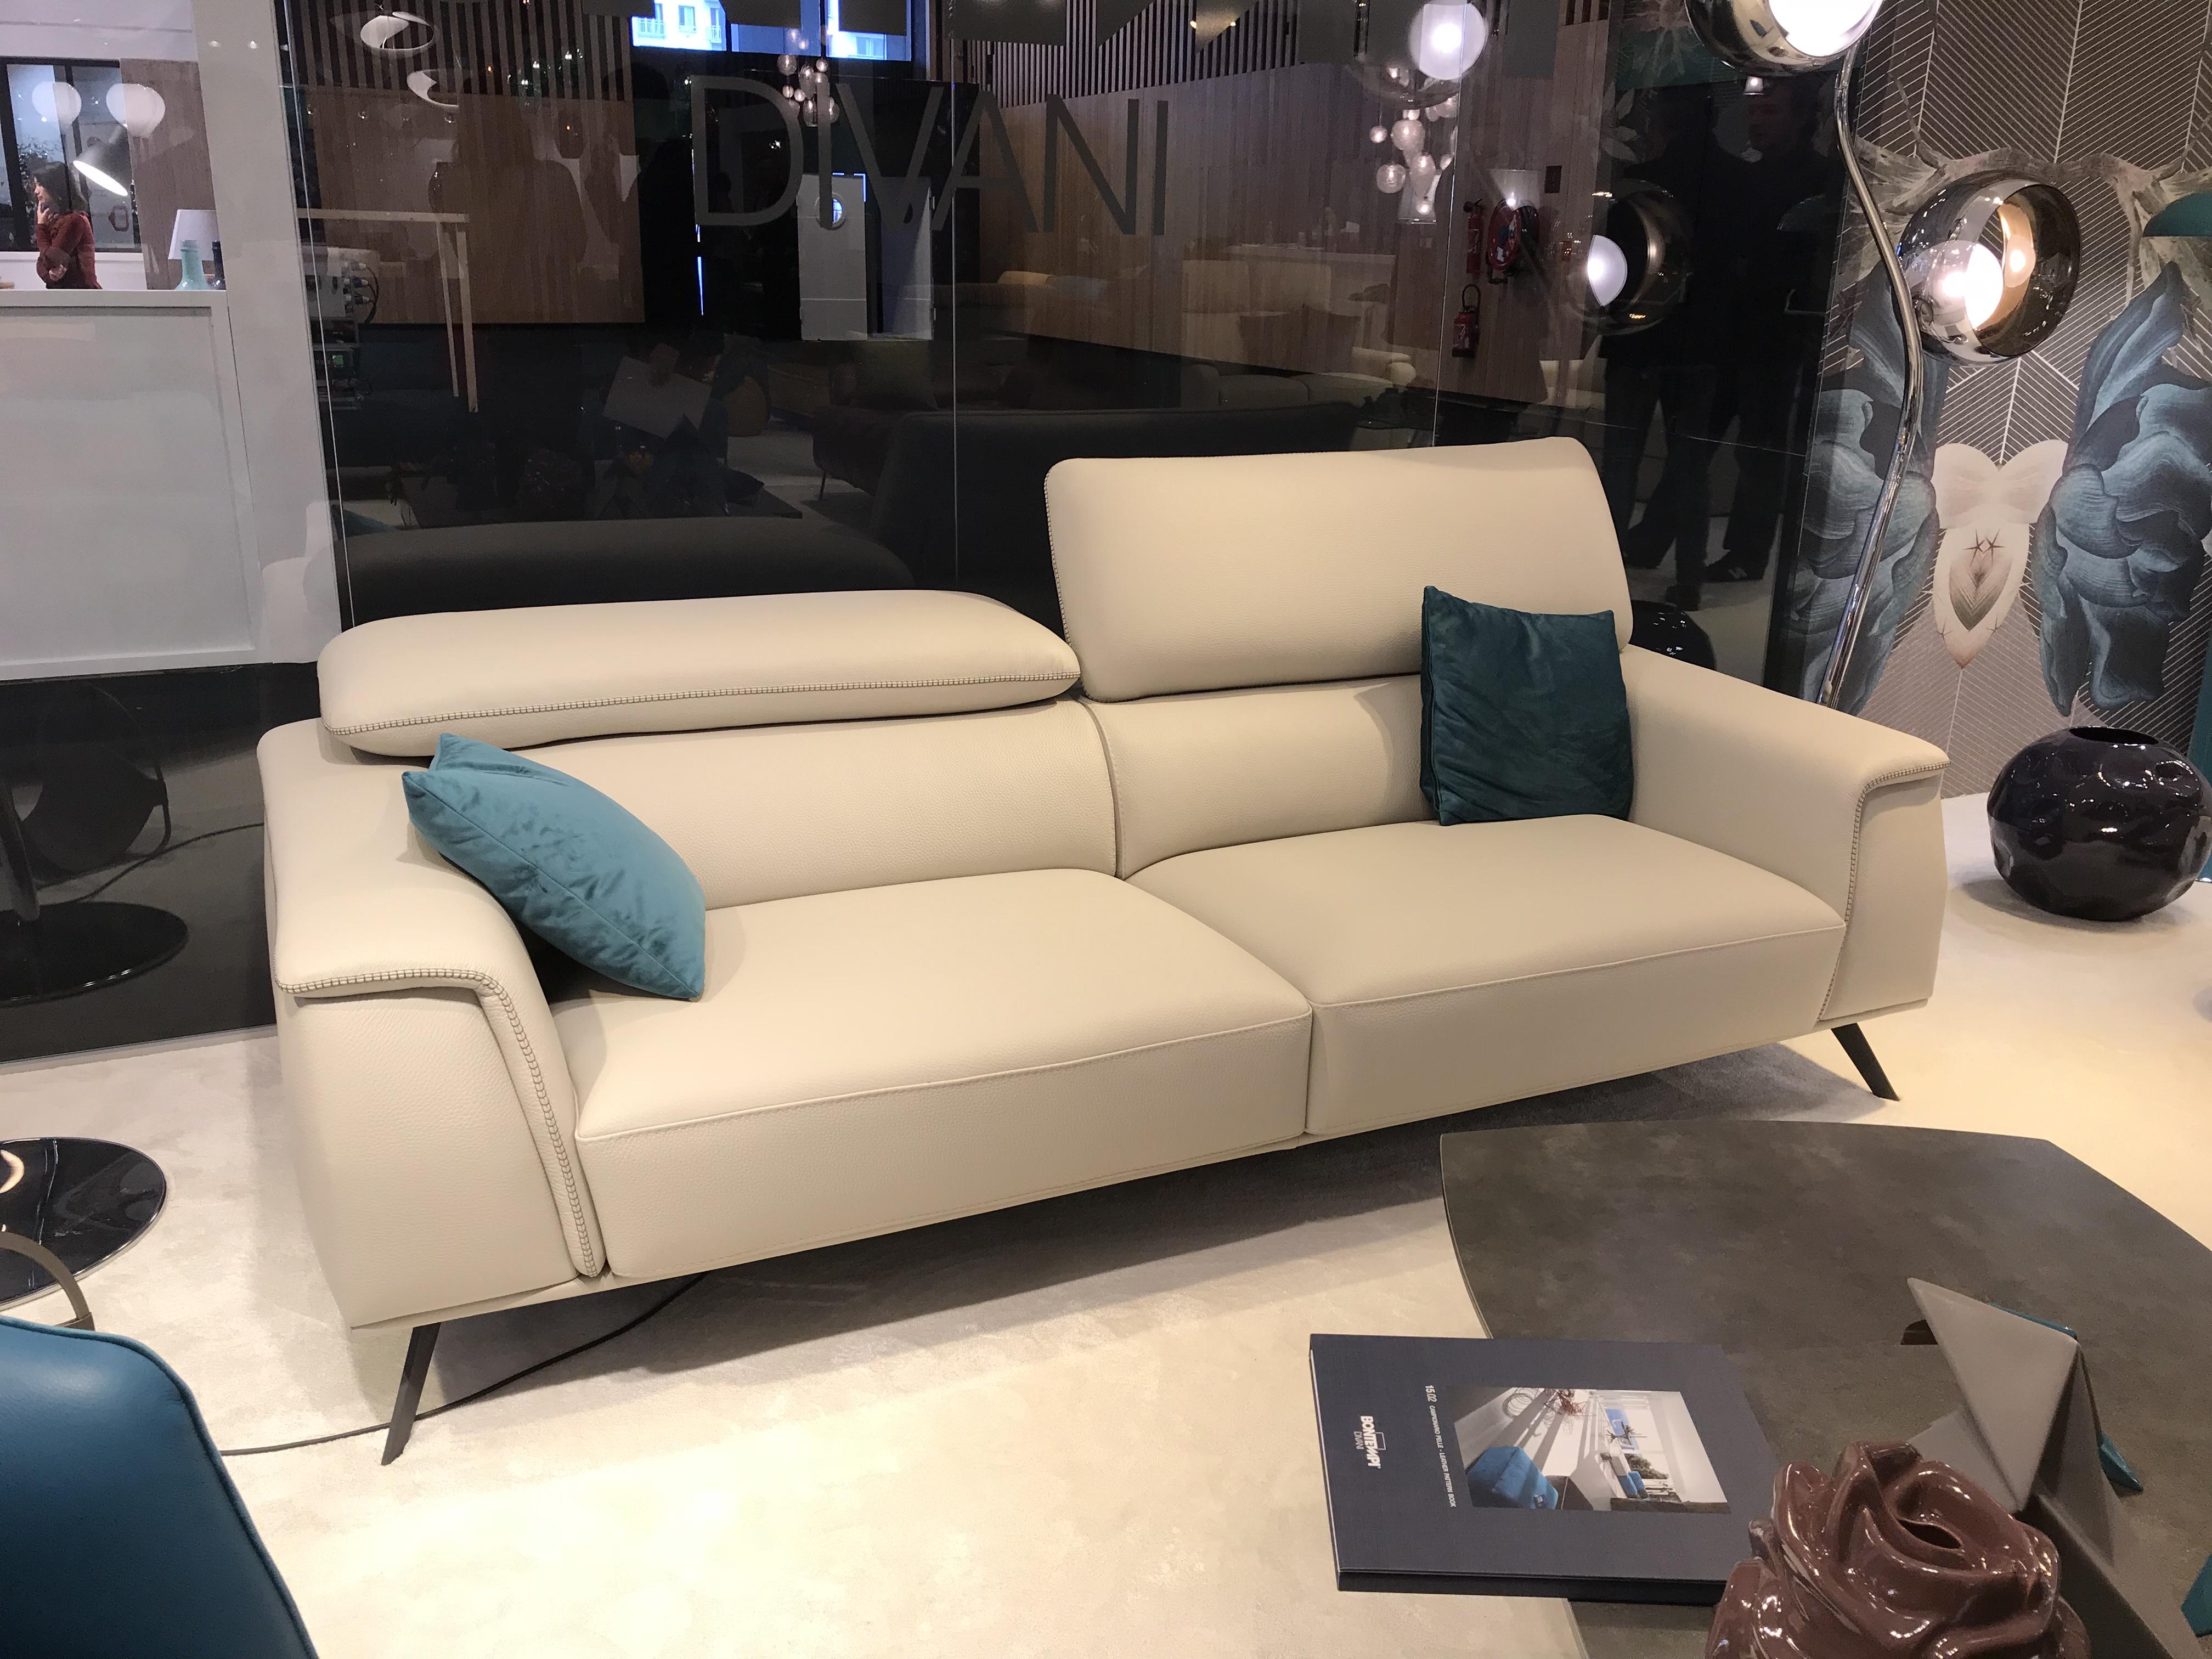 Canap aston de bontempi divani la qualit le design et le confort made in italie for Canape bon rapport qualite prix